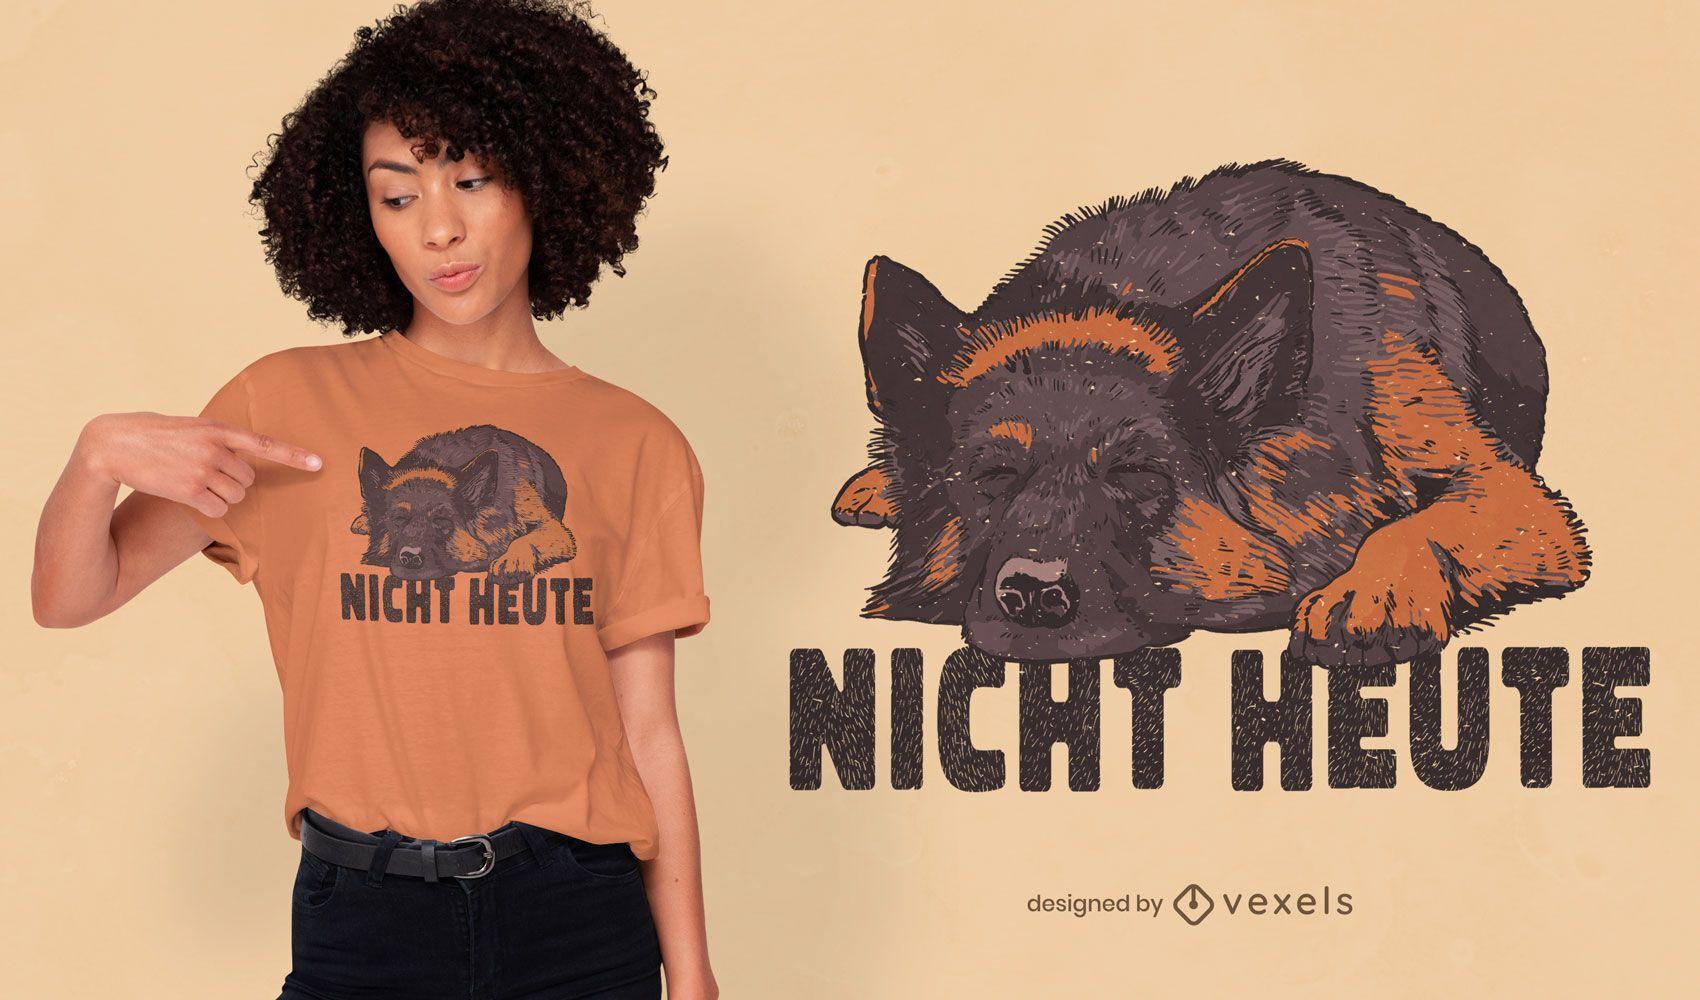 Hund Deutscher Schäferhund Haustier T-Shirt Design